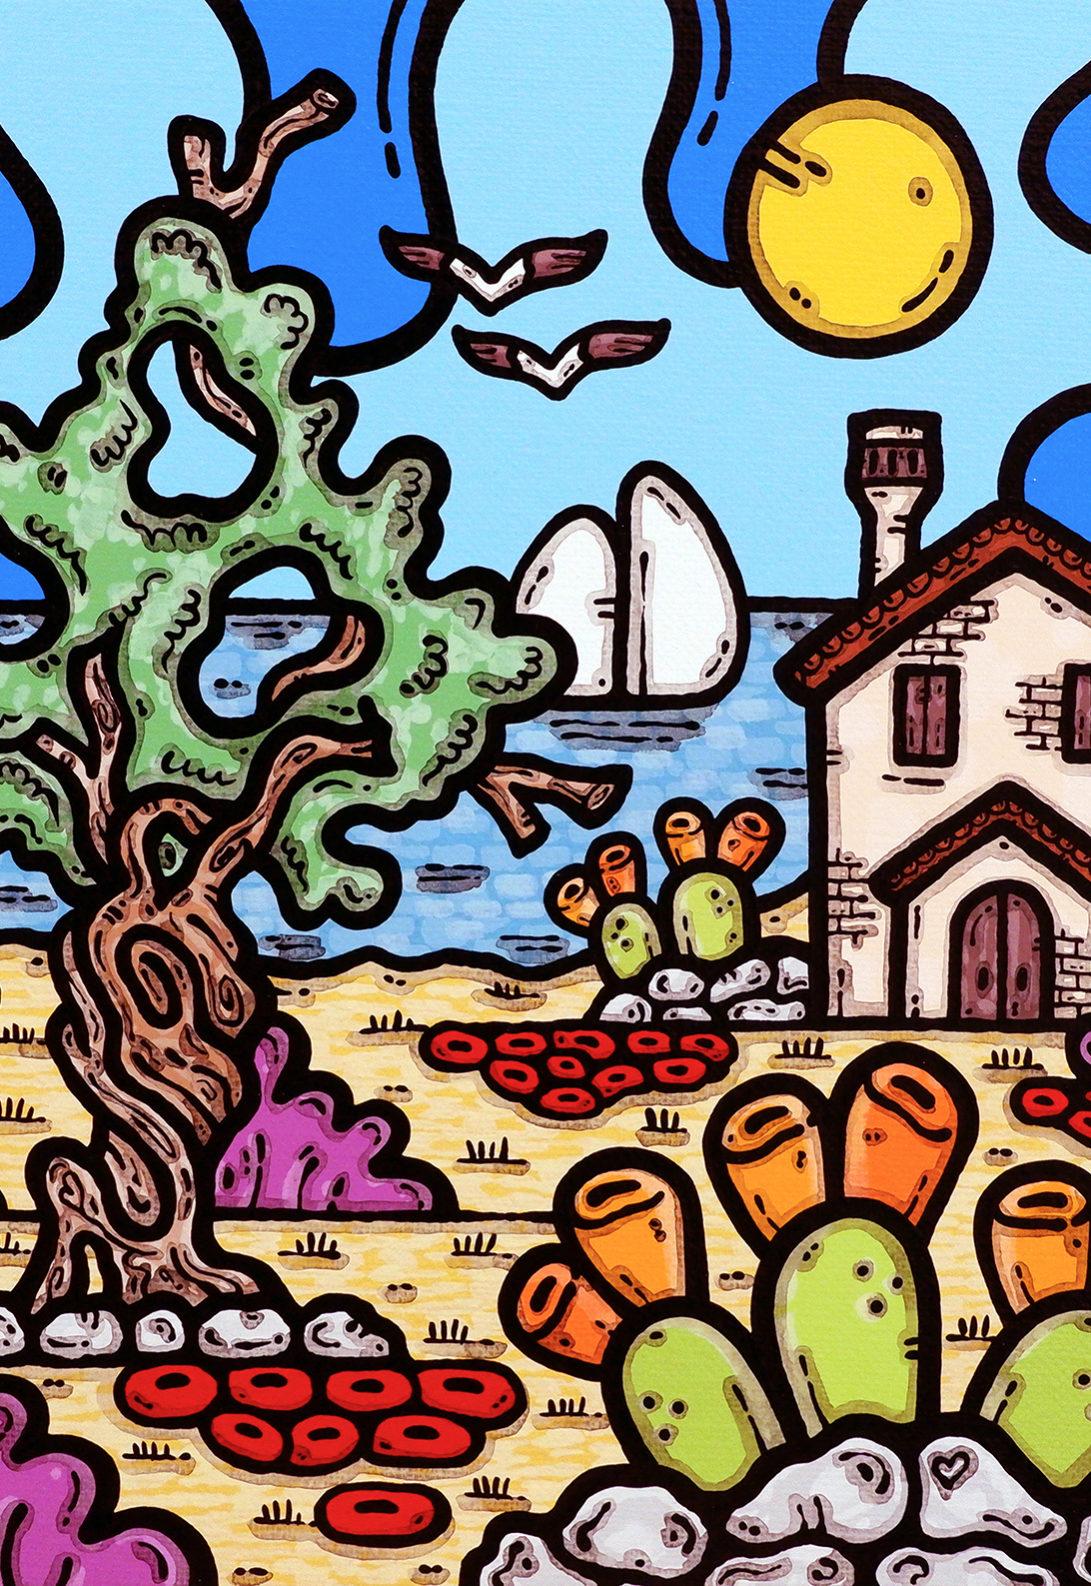 acrilico su tela, dipinto, opera d'arte, contornismo metafisico, art, francesco ferrulli, pittore, italiano, artista, italian artist, arte contemporanea, quadro, colori, calabria, la pace dei sensi.